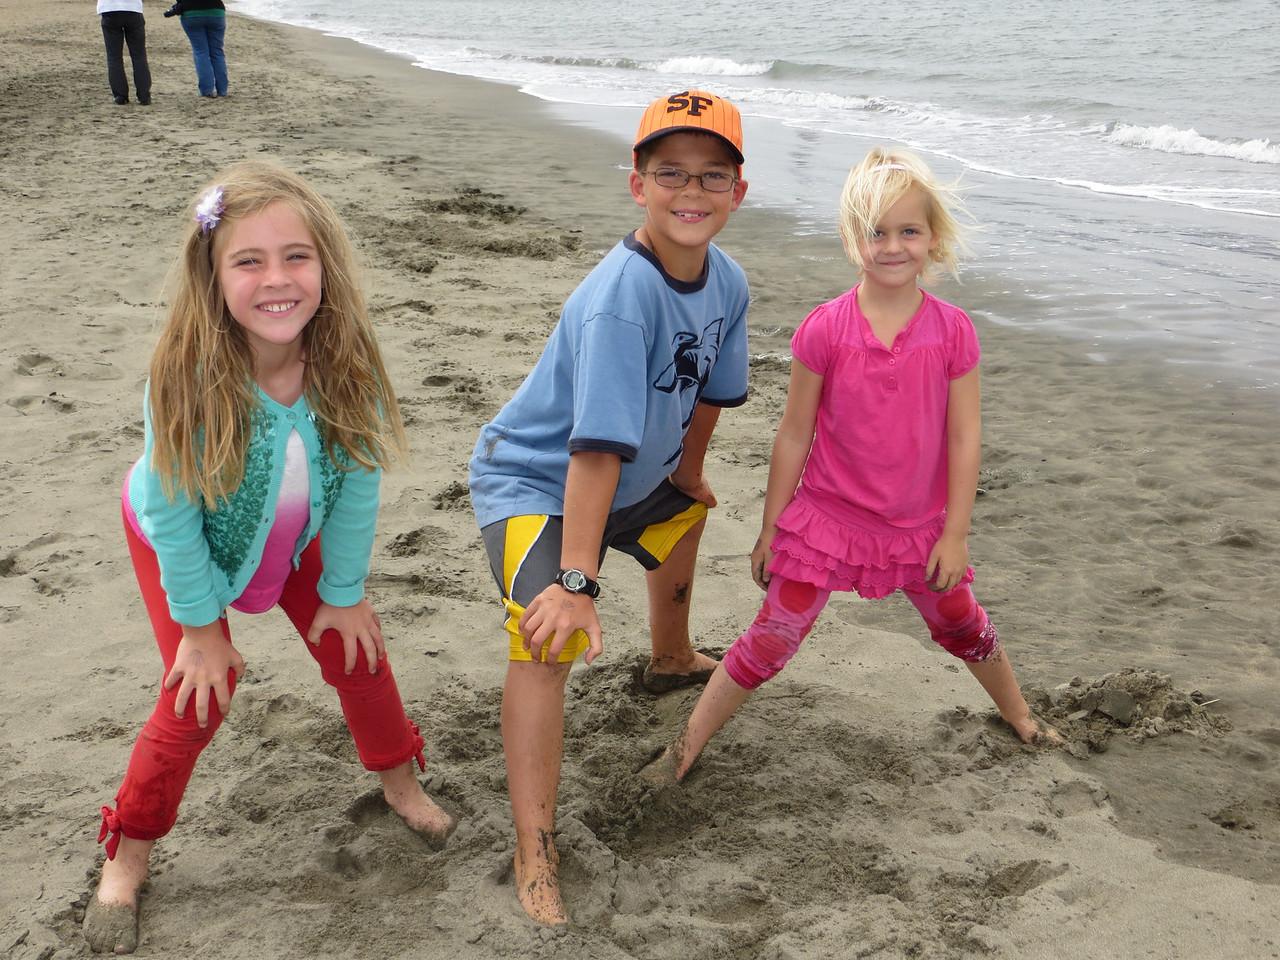 Having fun at the beach!